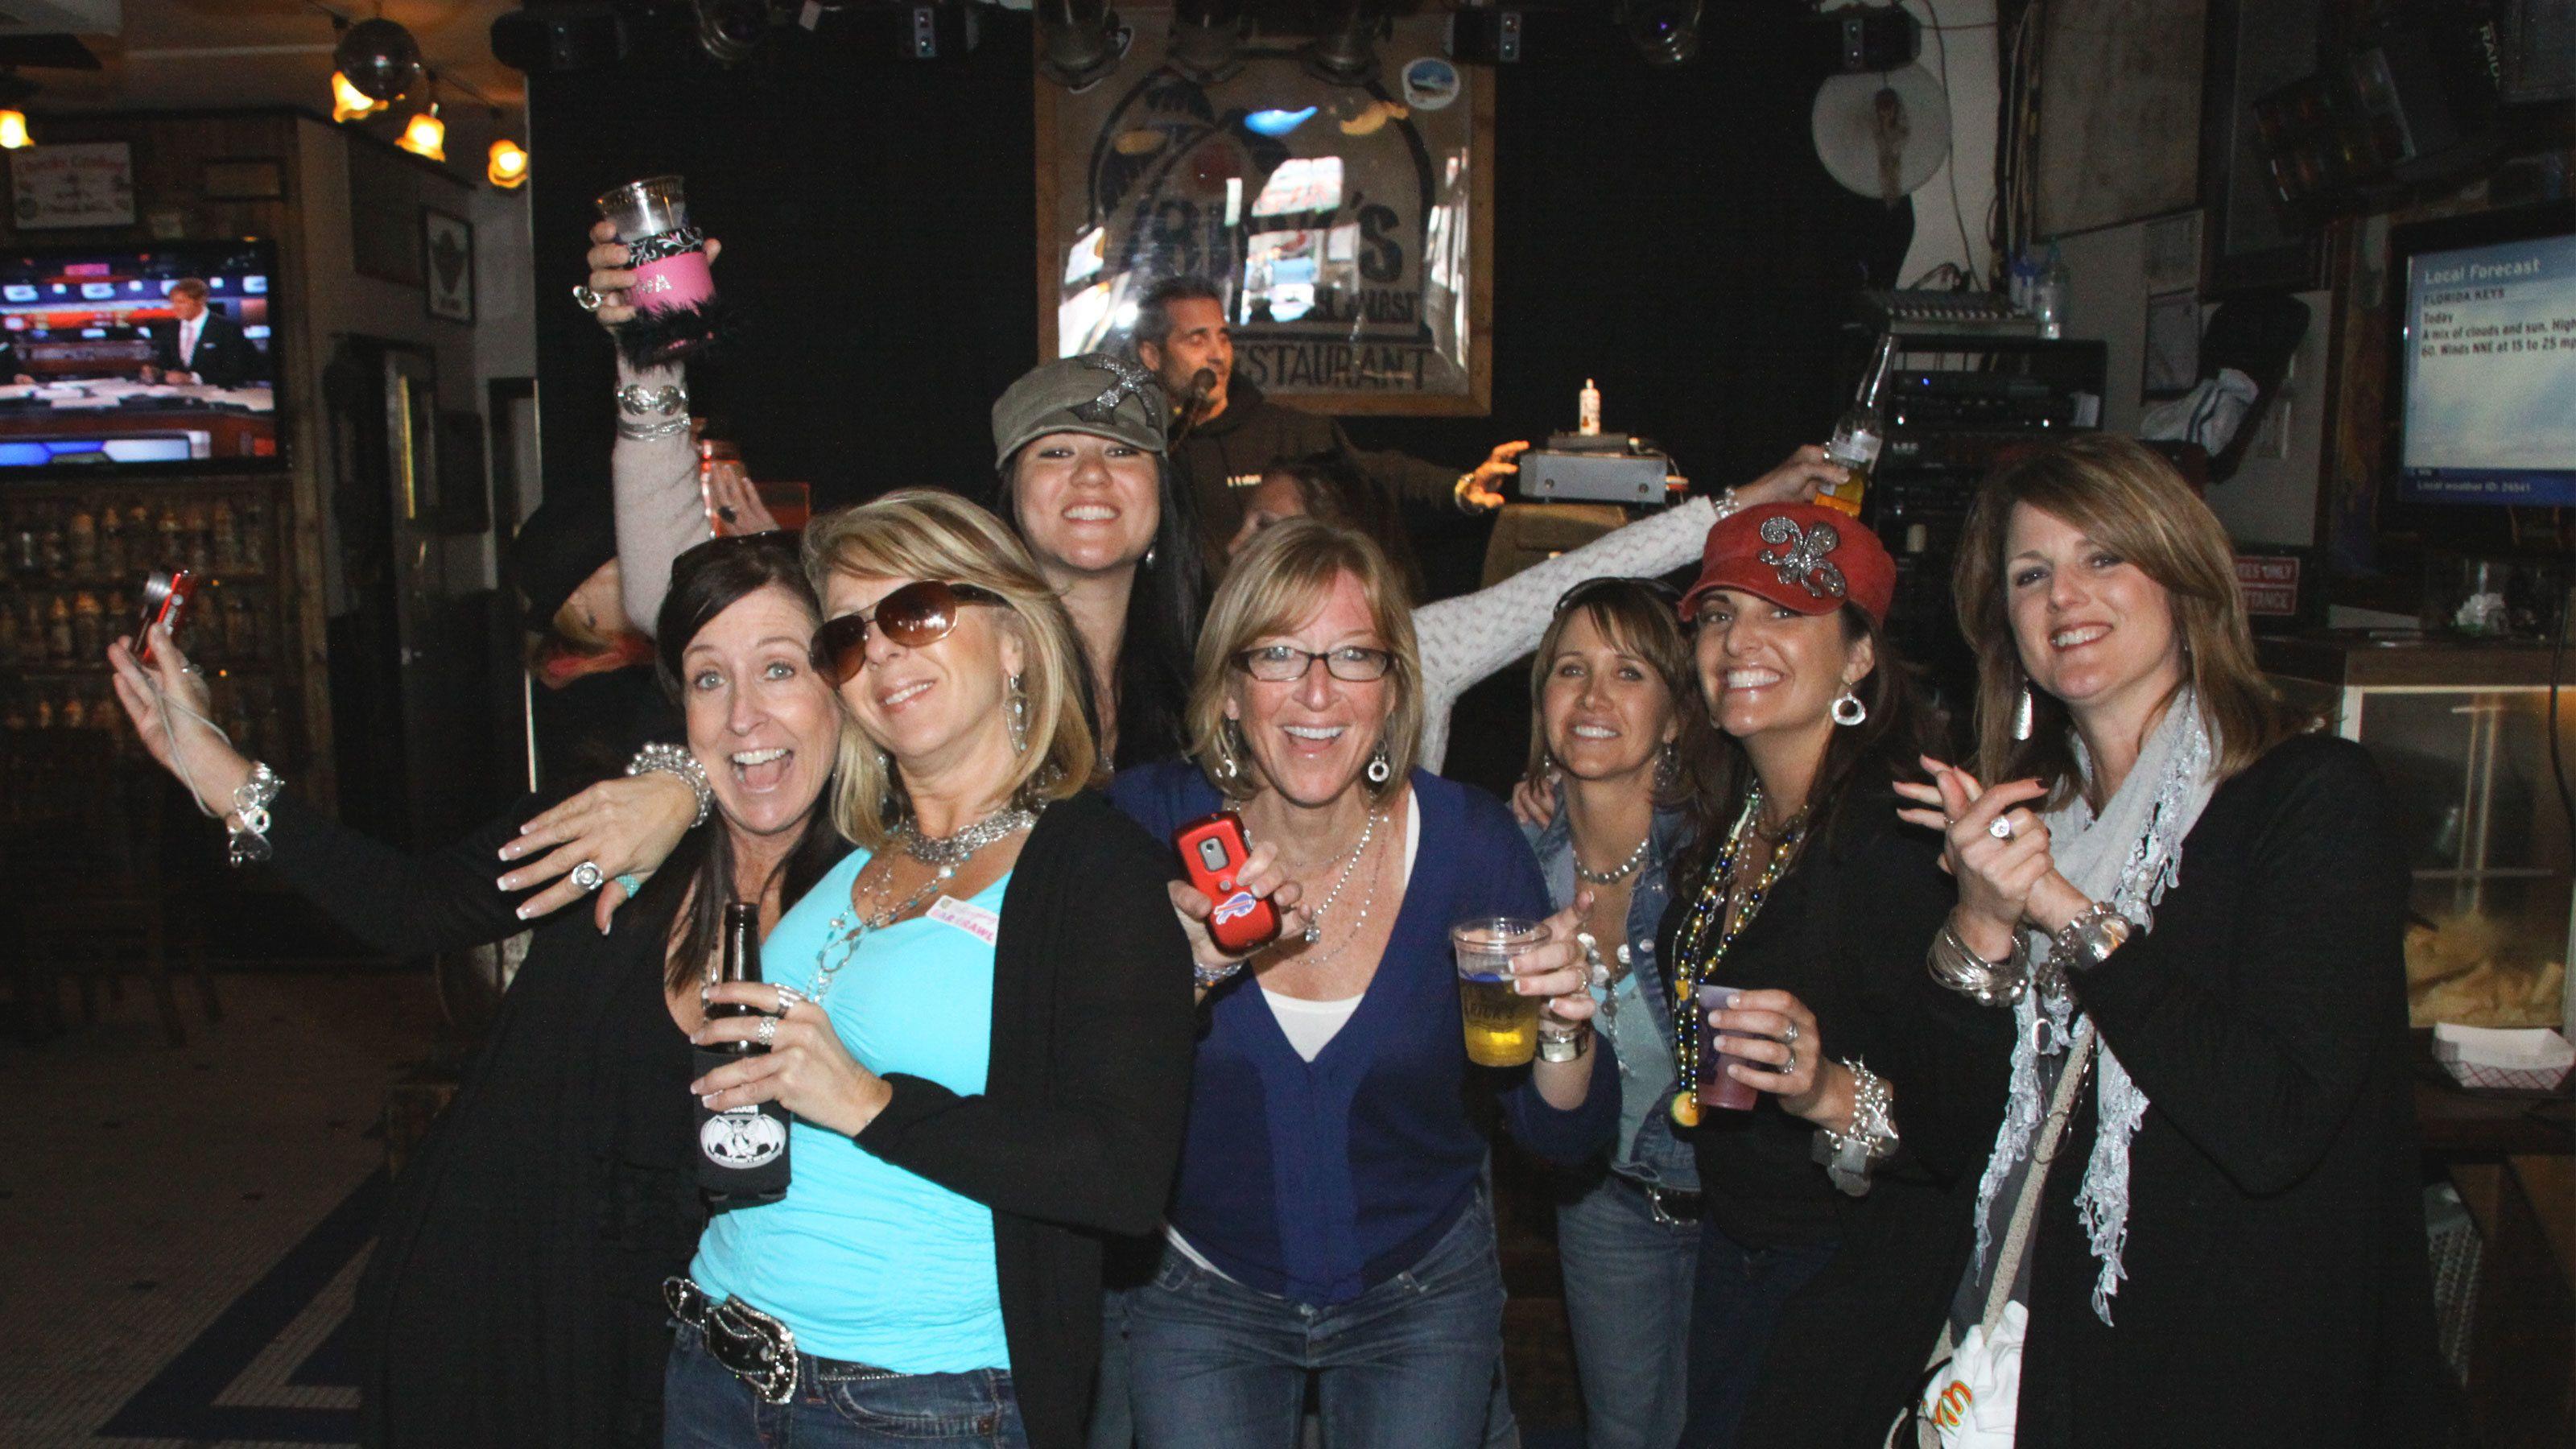 Pub crawlers enjoying their night out in Key West